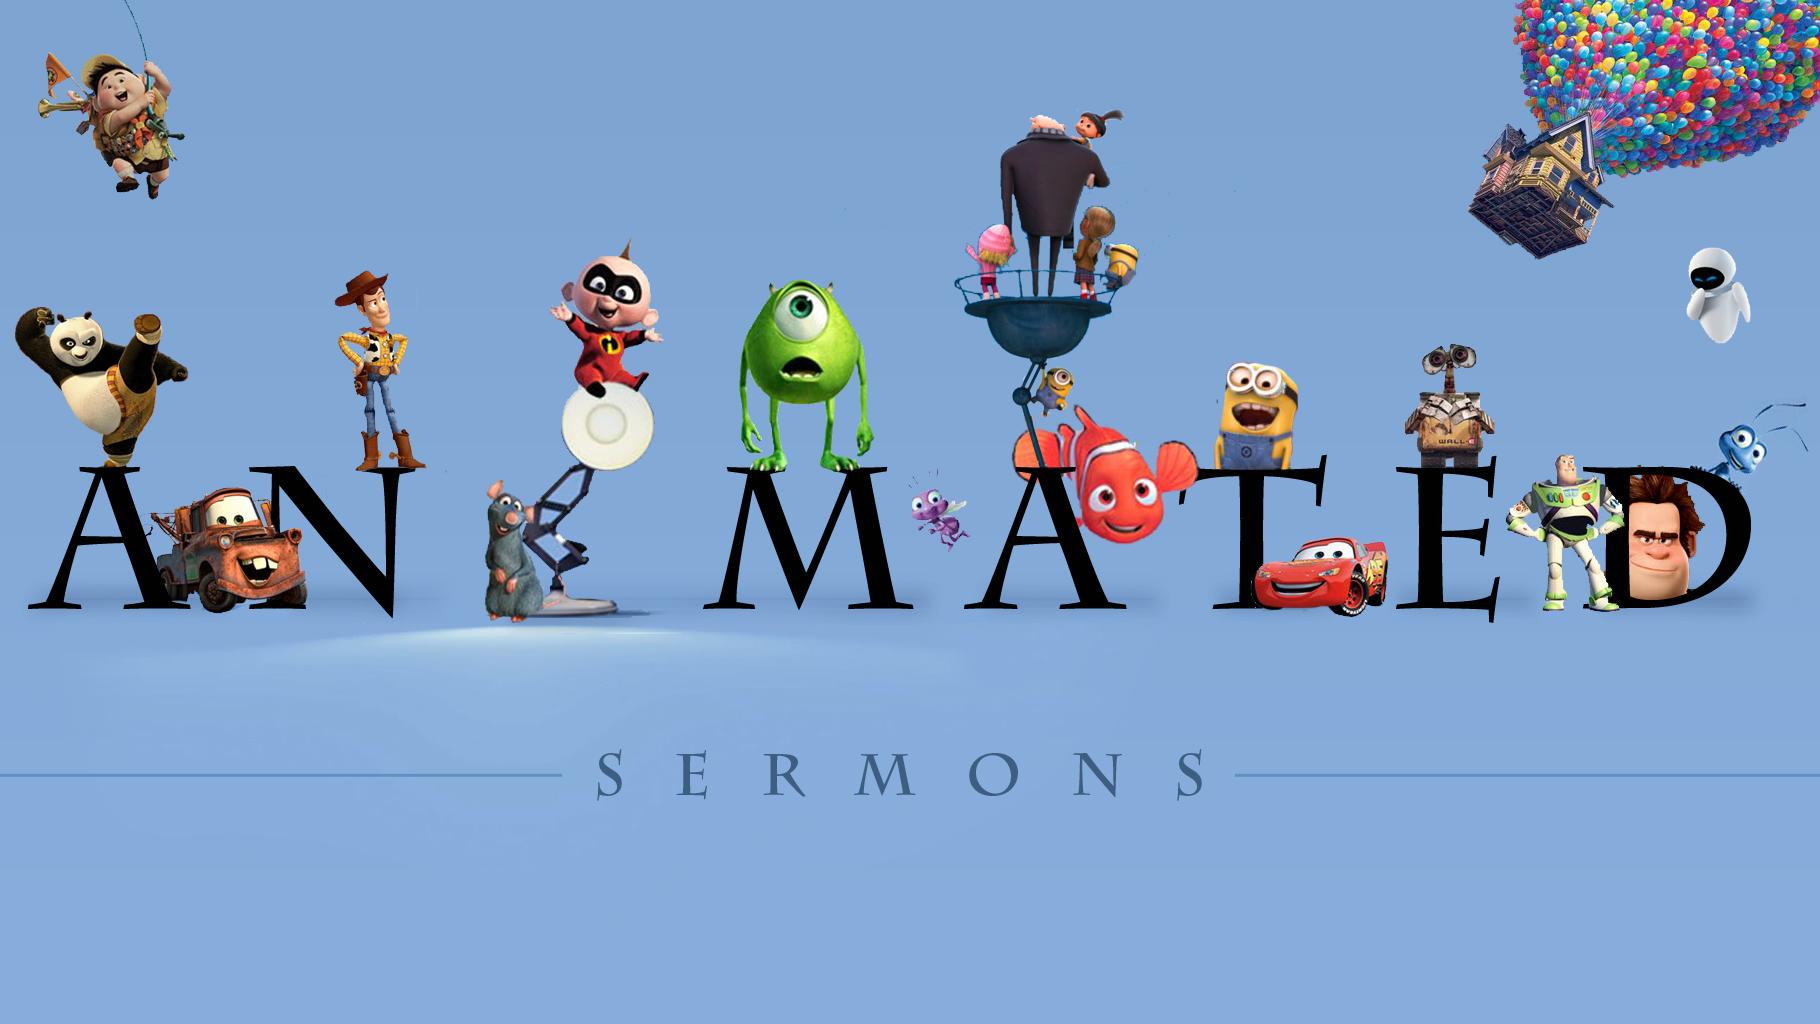 Animated Sermon Series Slide